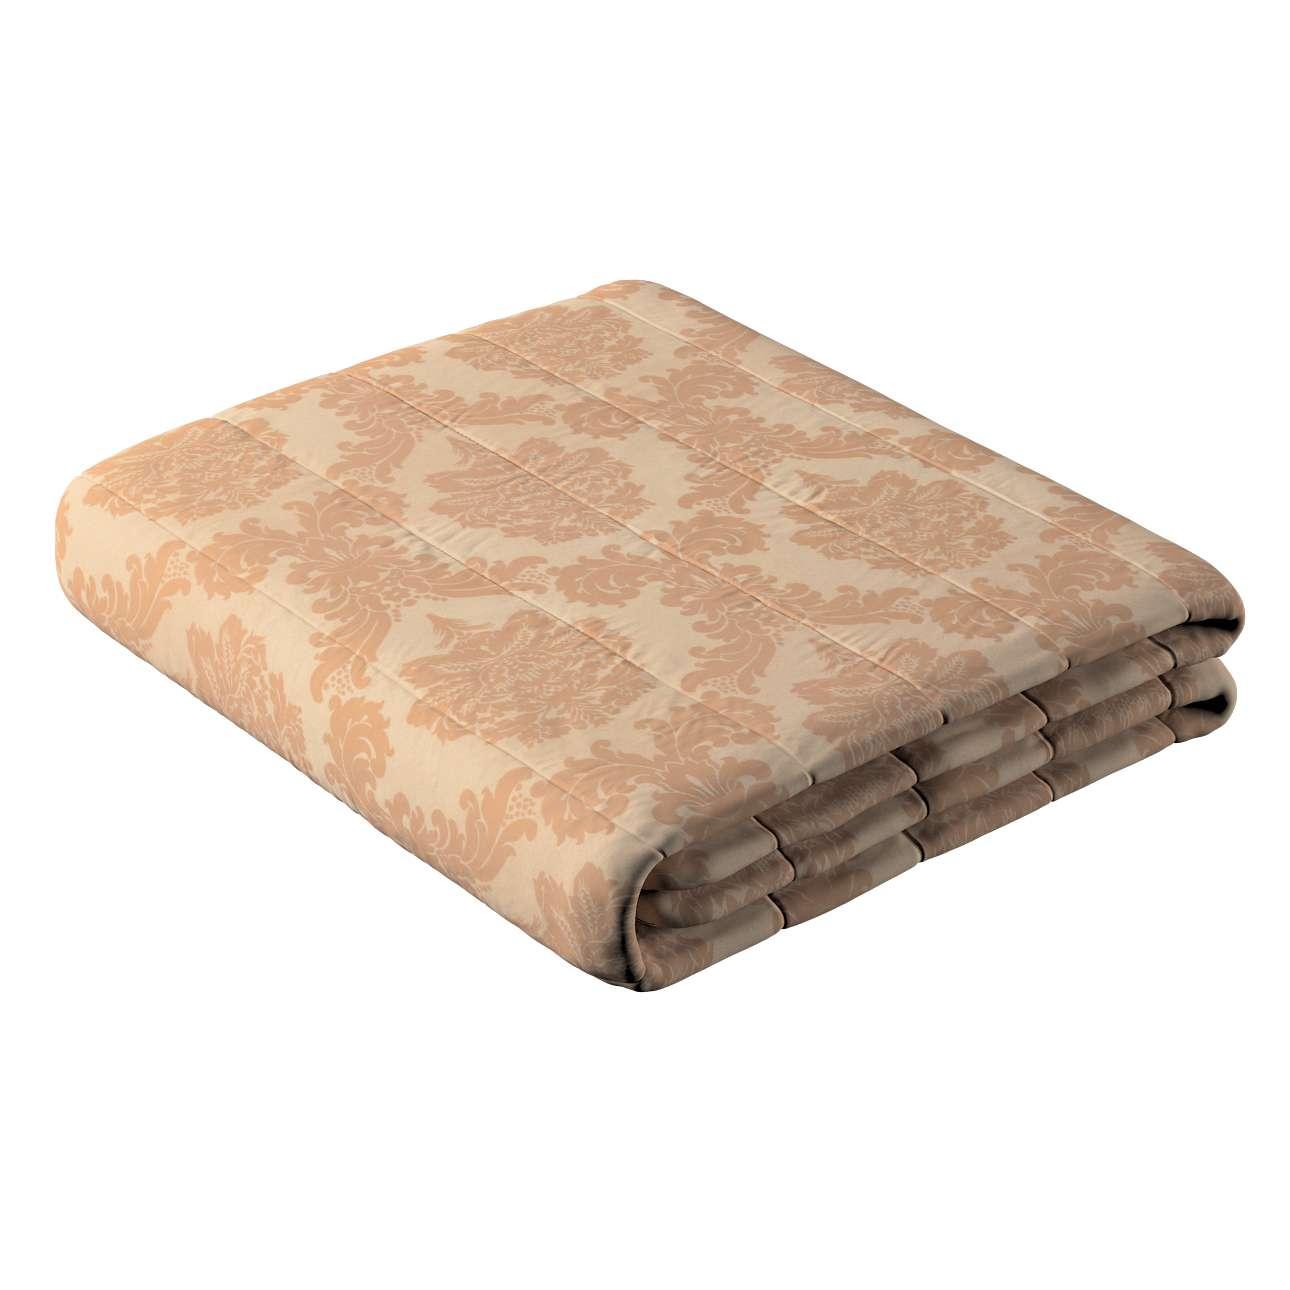 Prehoz  s pozdĺžným prešívaním V kolekcii Damasco, tkanina: 613-04